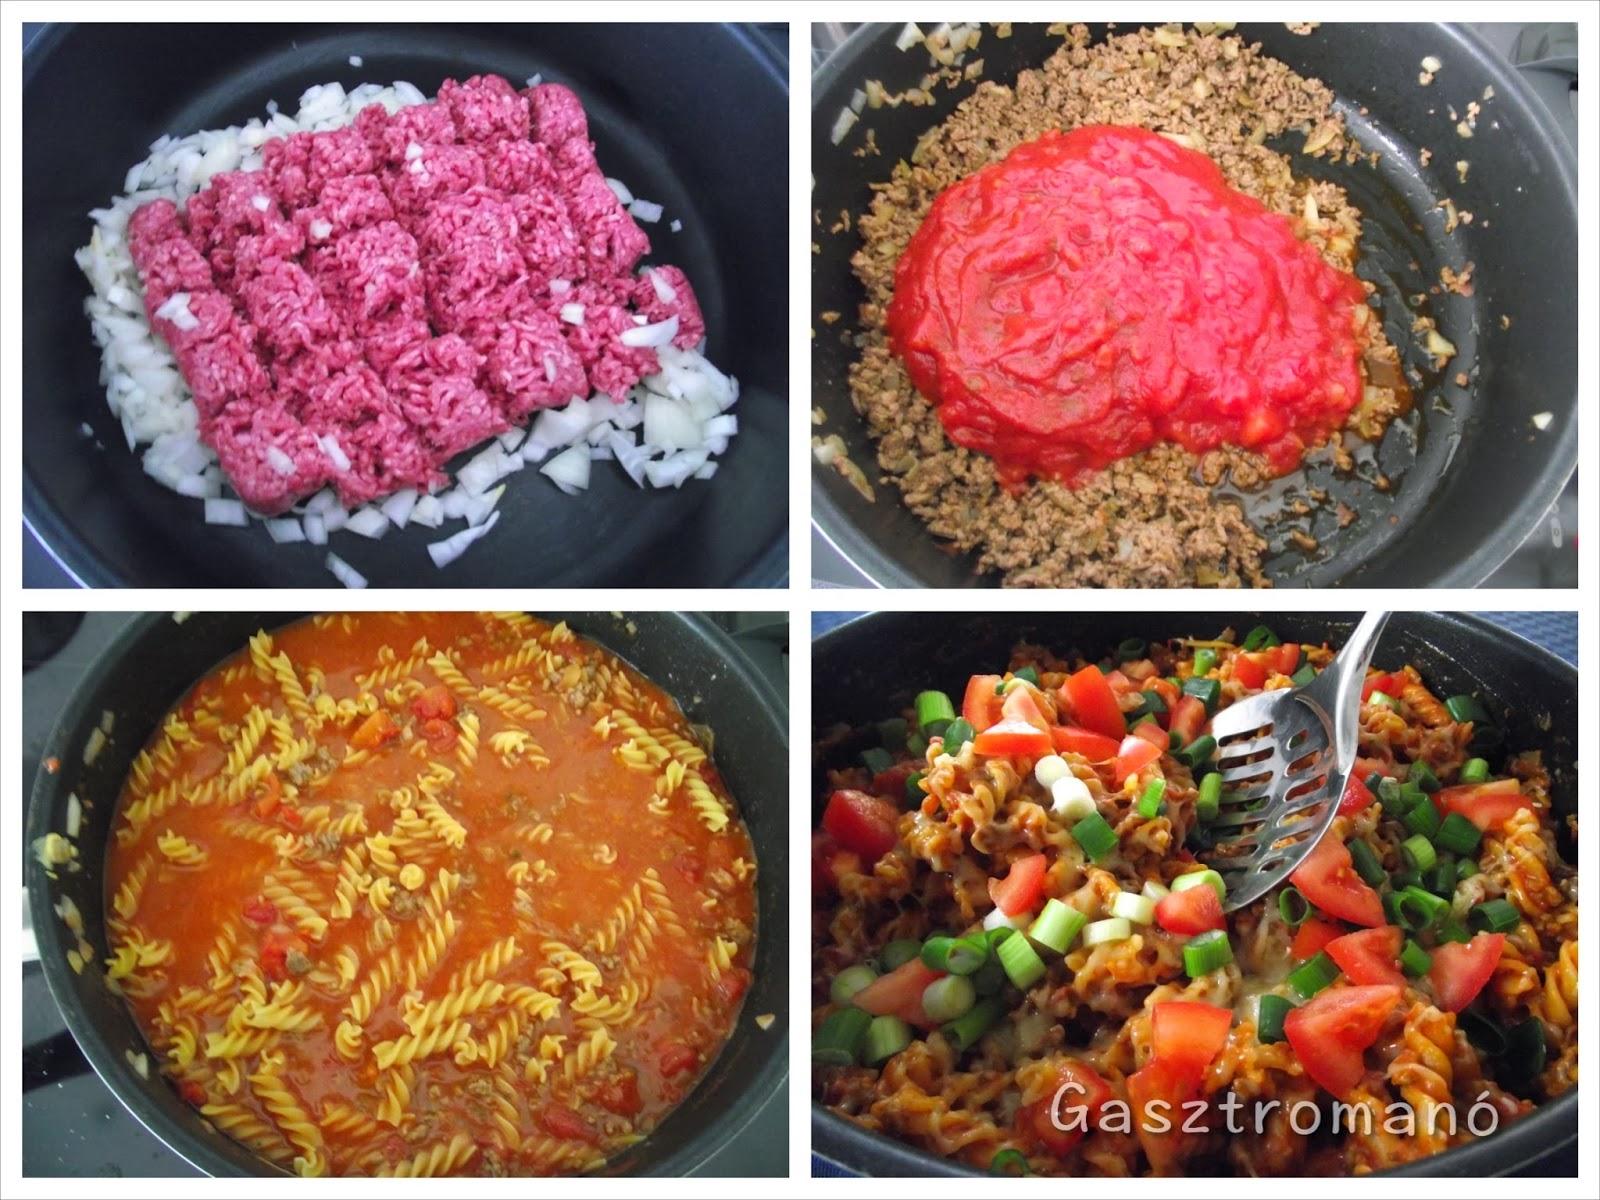 gyors tészta recept